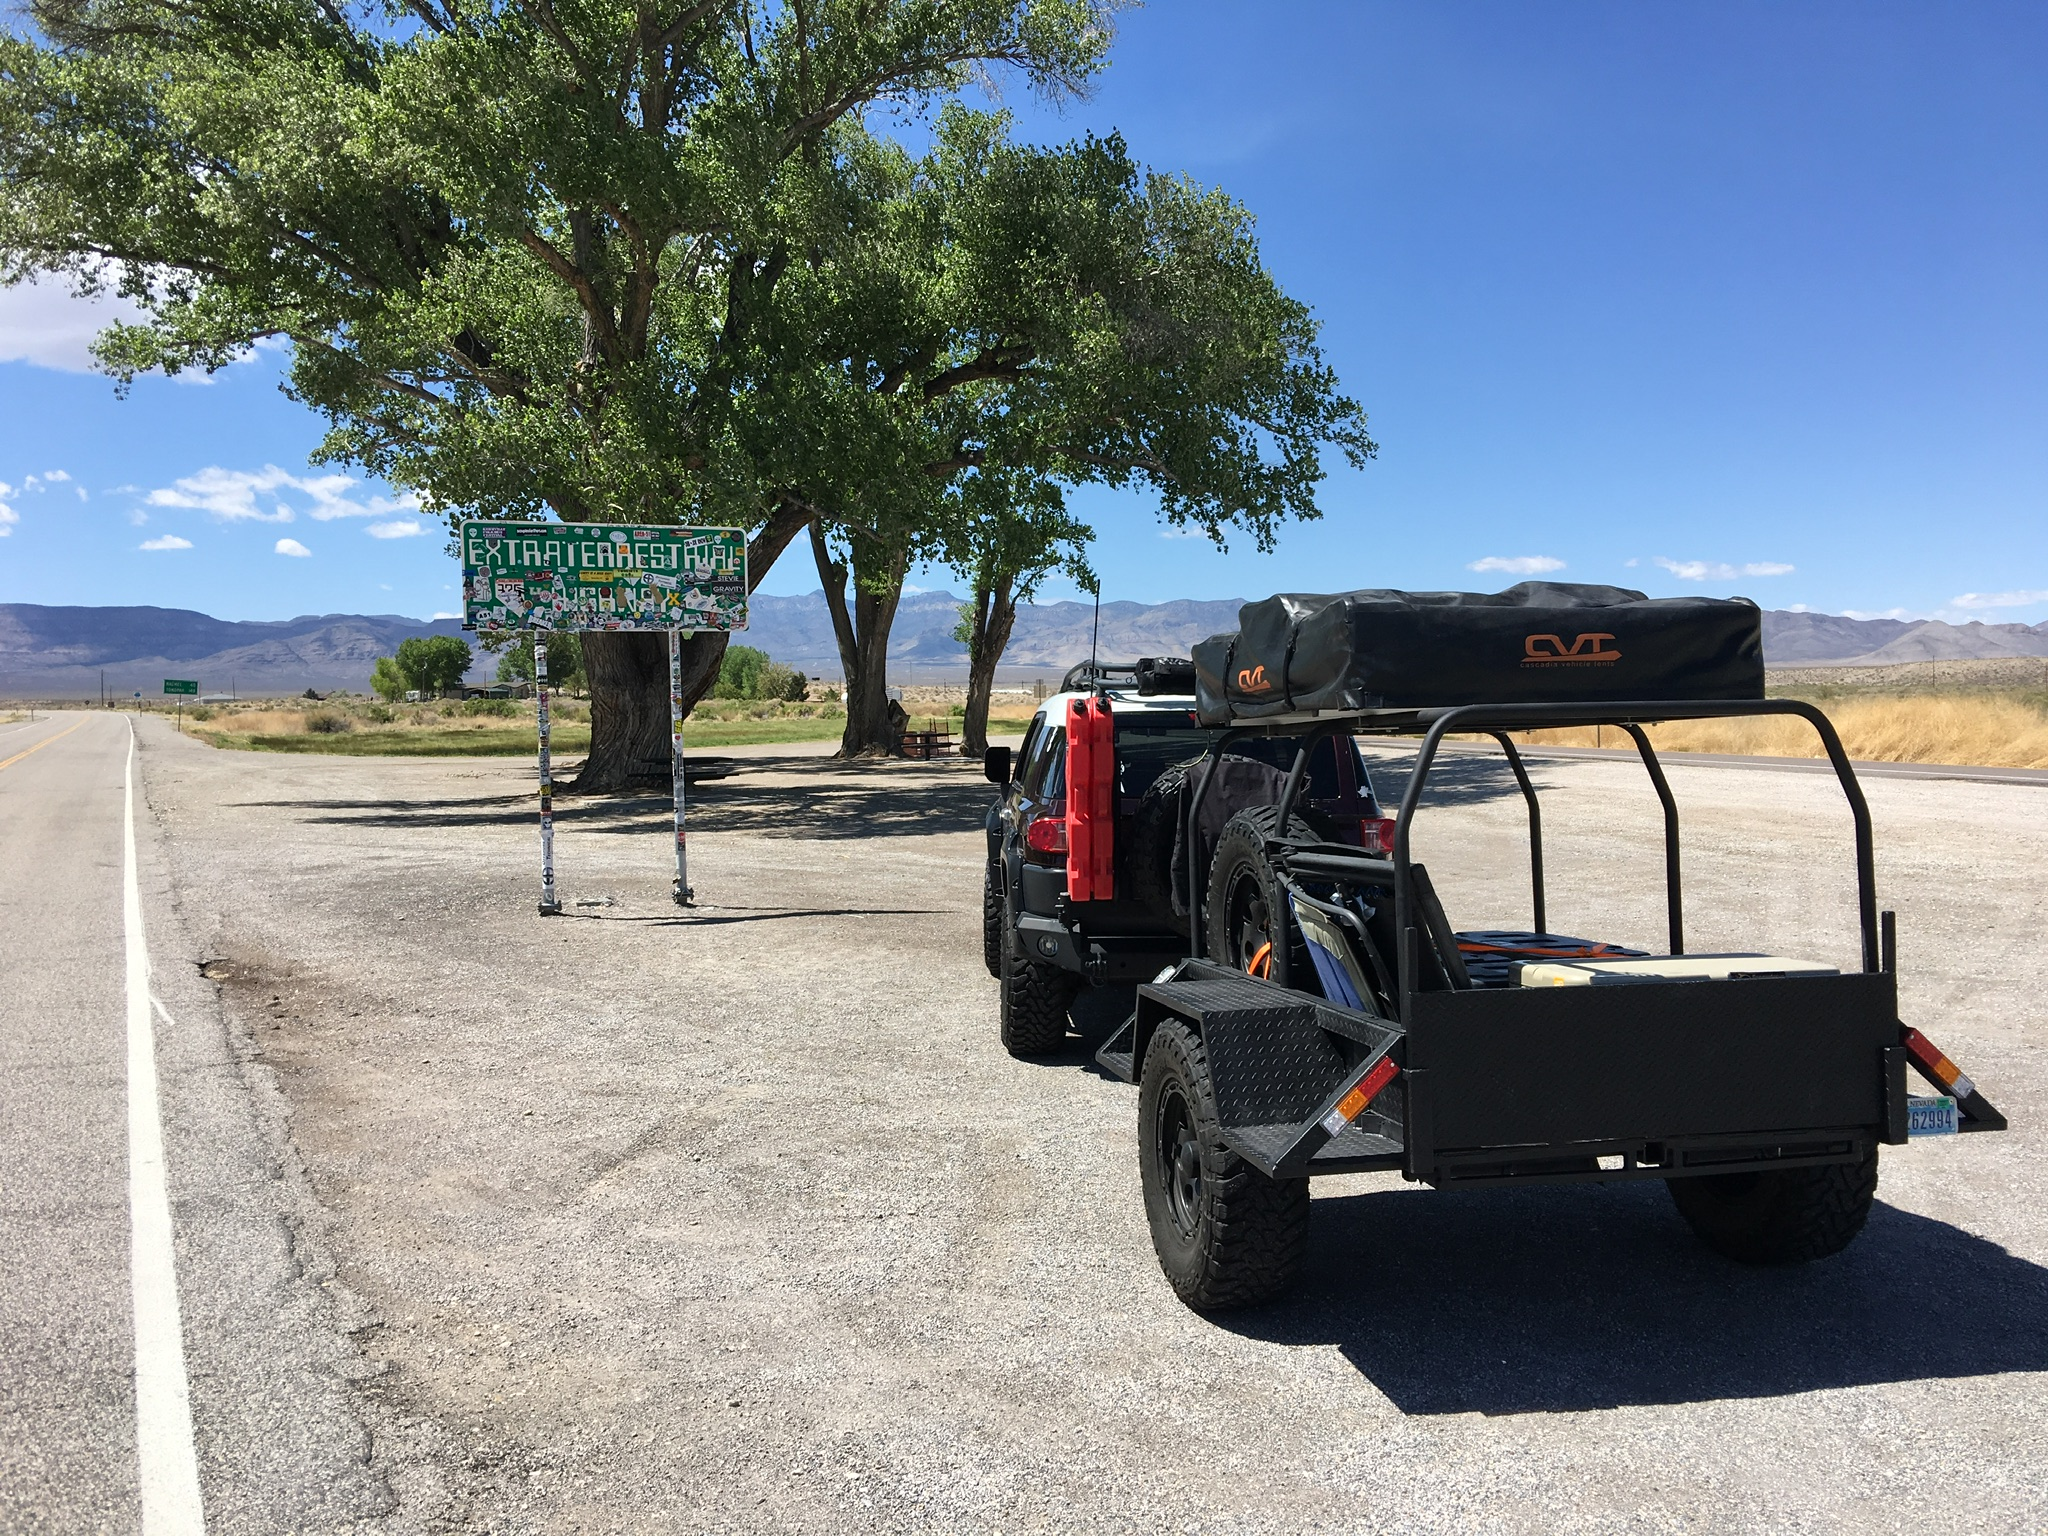 Post all trailer towing pics!!-b7f8164c-e0eb-45ca-bd7b-329ab0f137ae.jpeg